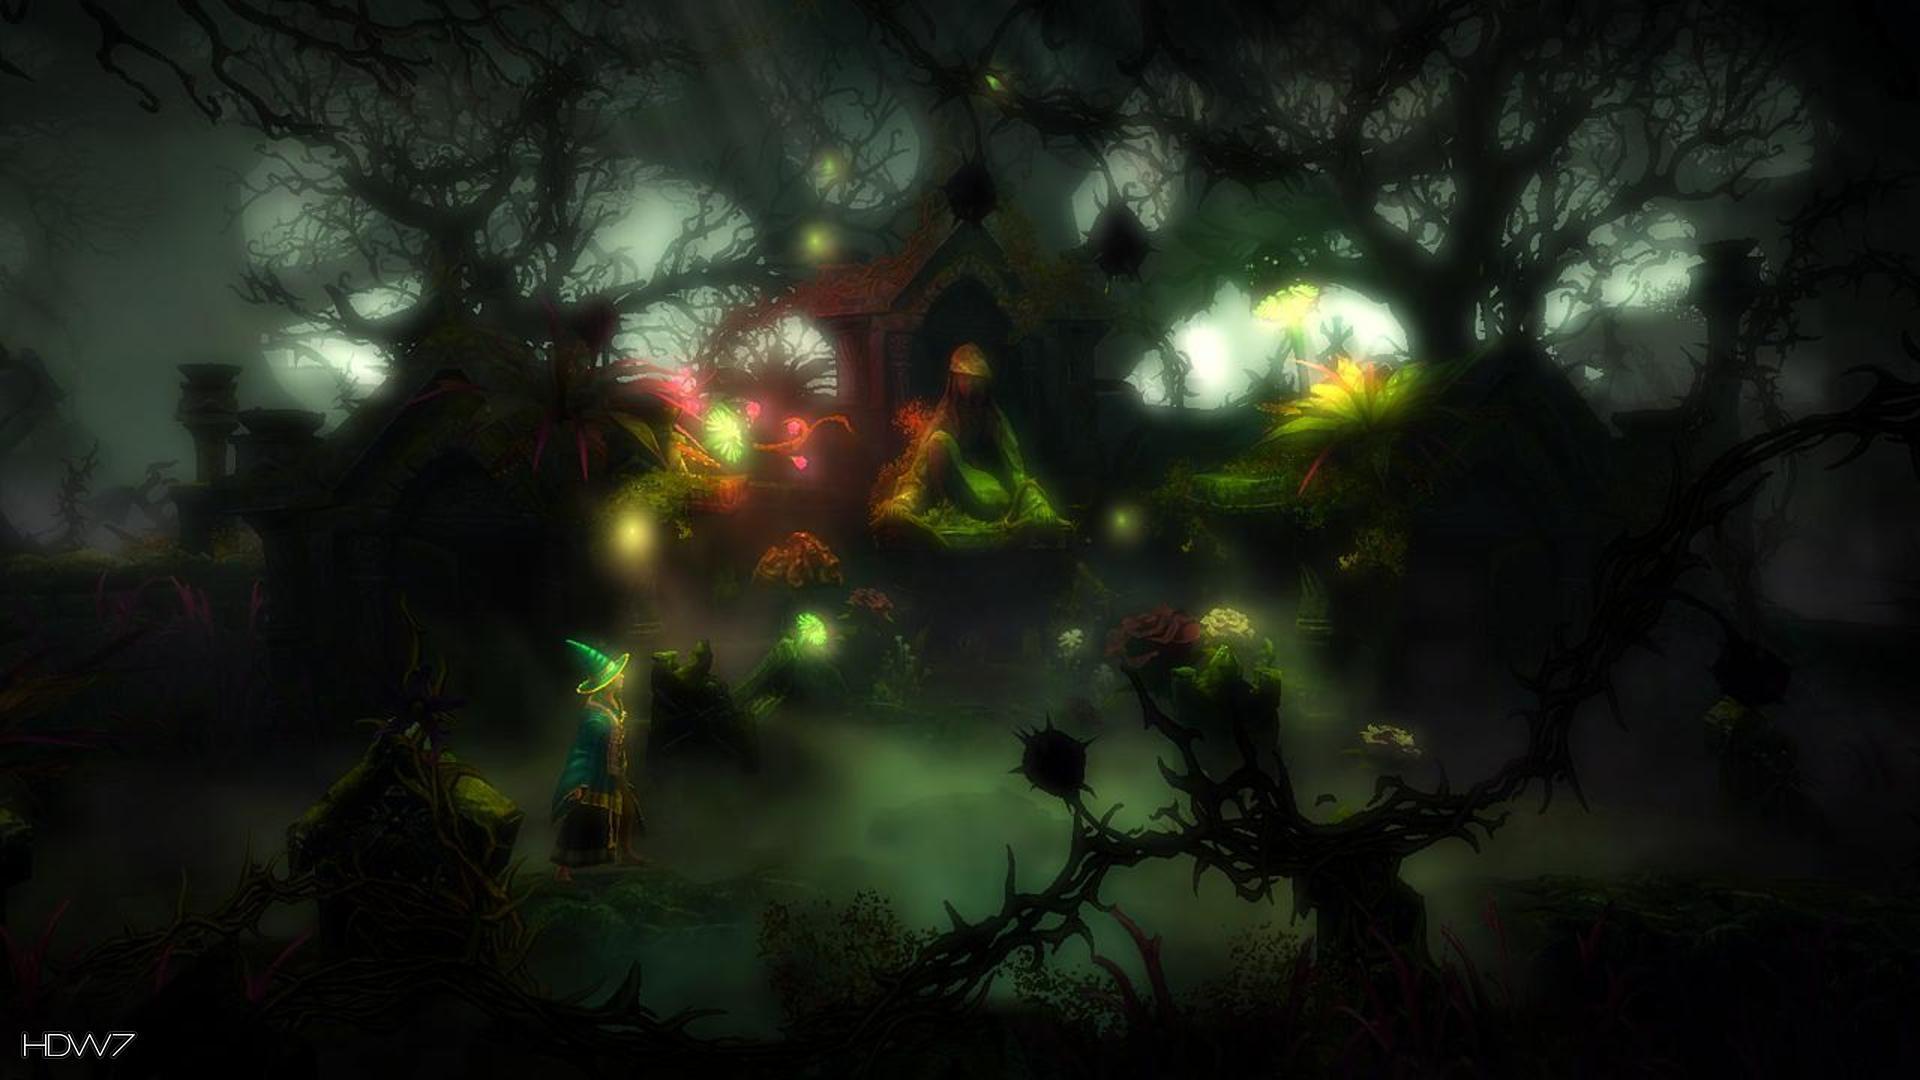 trine 2 wizard spooky forest widescreen hd wallpaper